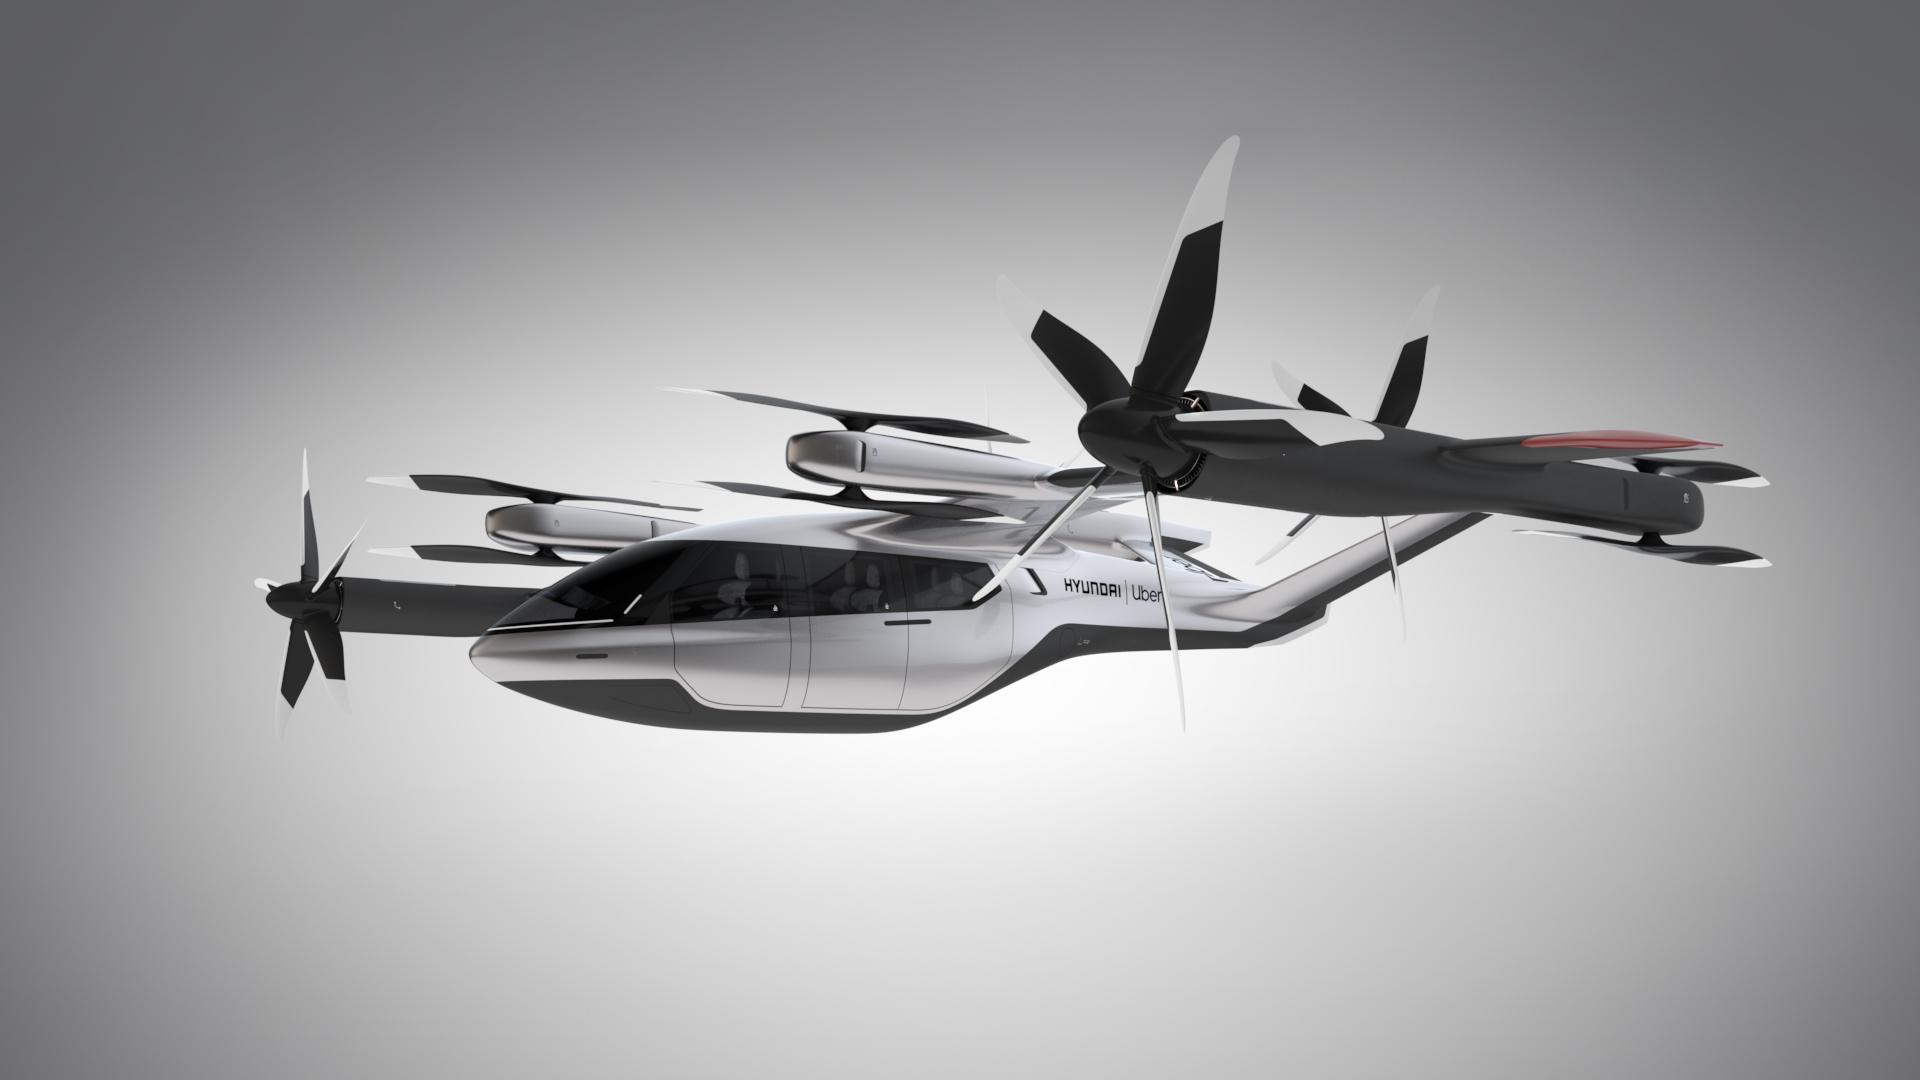 Uber Air / Hyundai S-A1 Air Taxi Concept